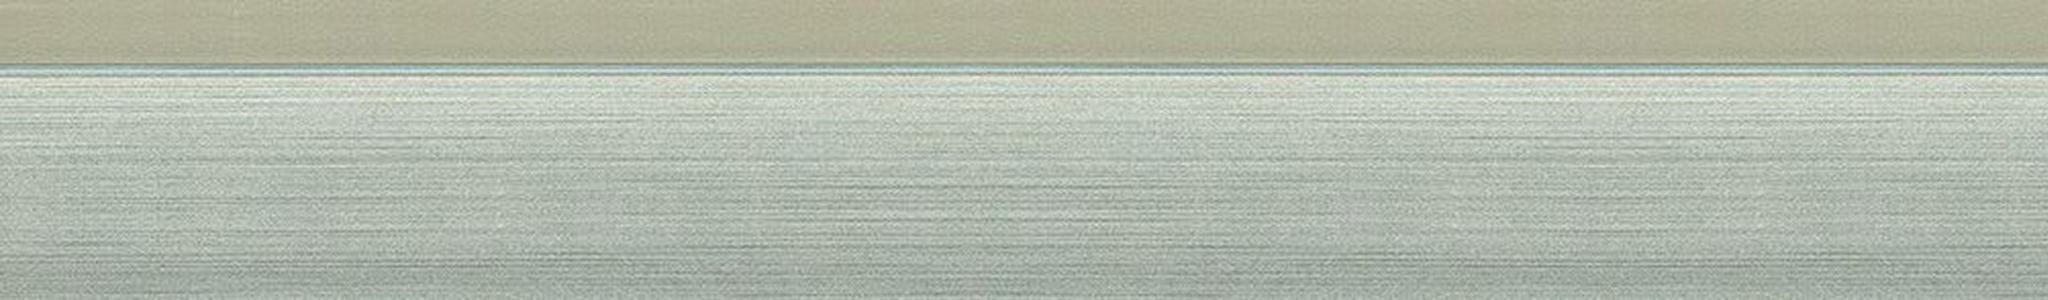 HD 29780 Acryl 3D Edge Steel-Beige